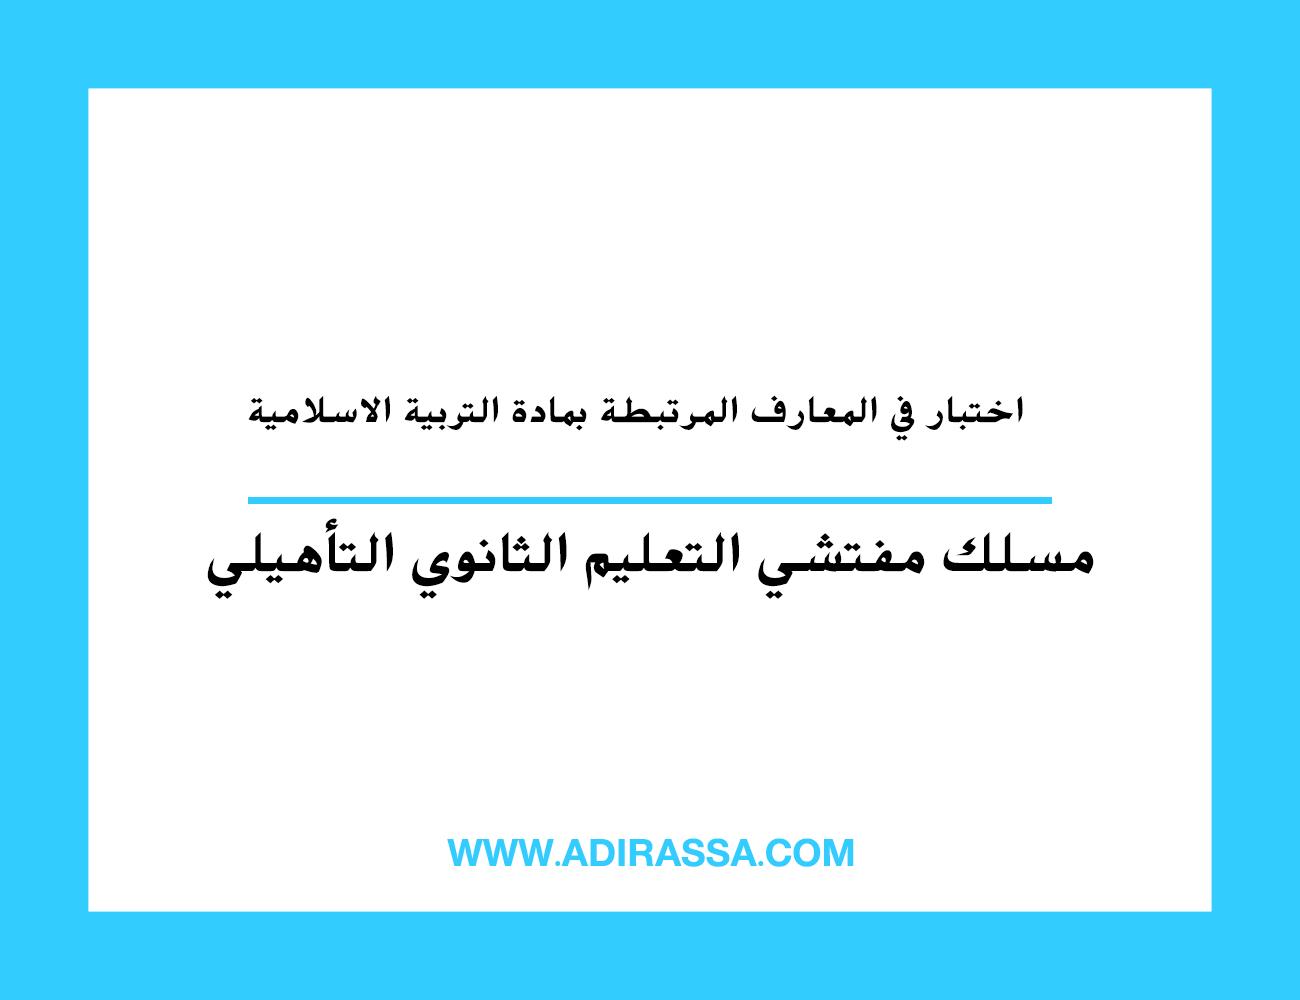 اختبار في المعارف المرتبطة بمادة التربية الاسلامية مسلك مفتشي التعليم الثانوي التأهيلي